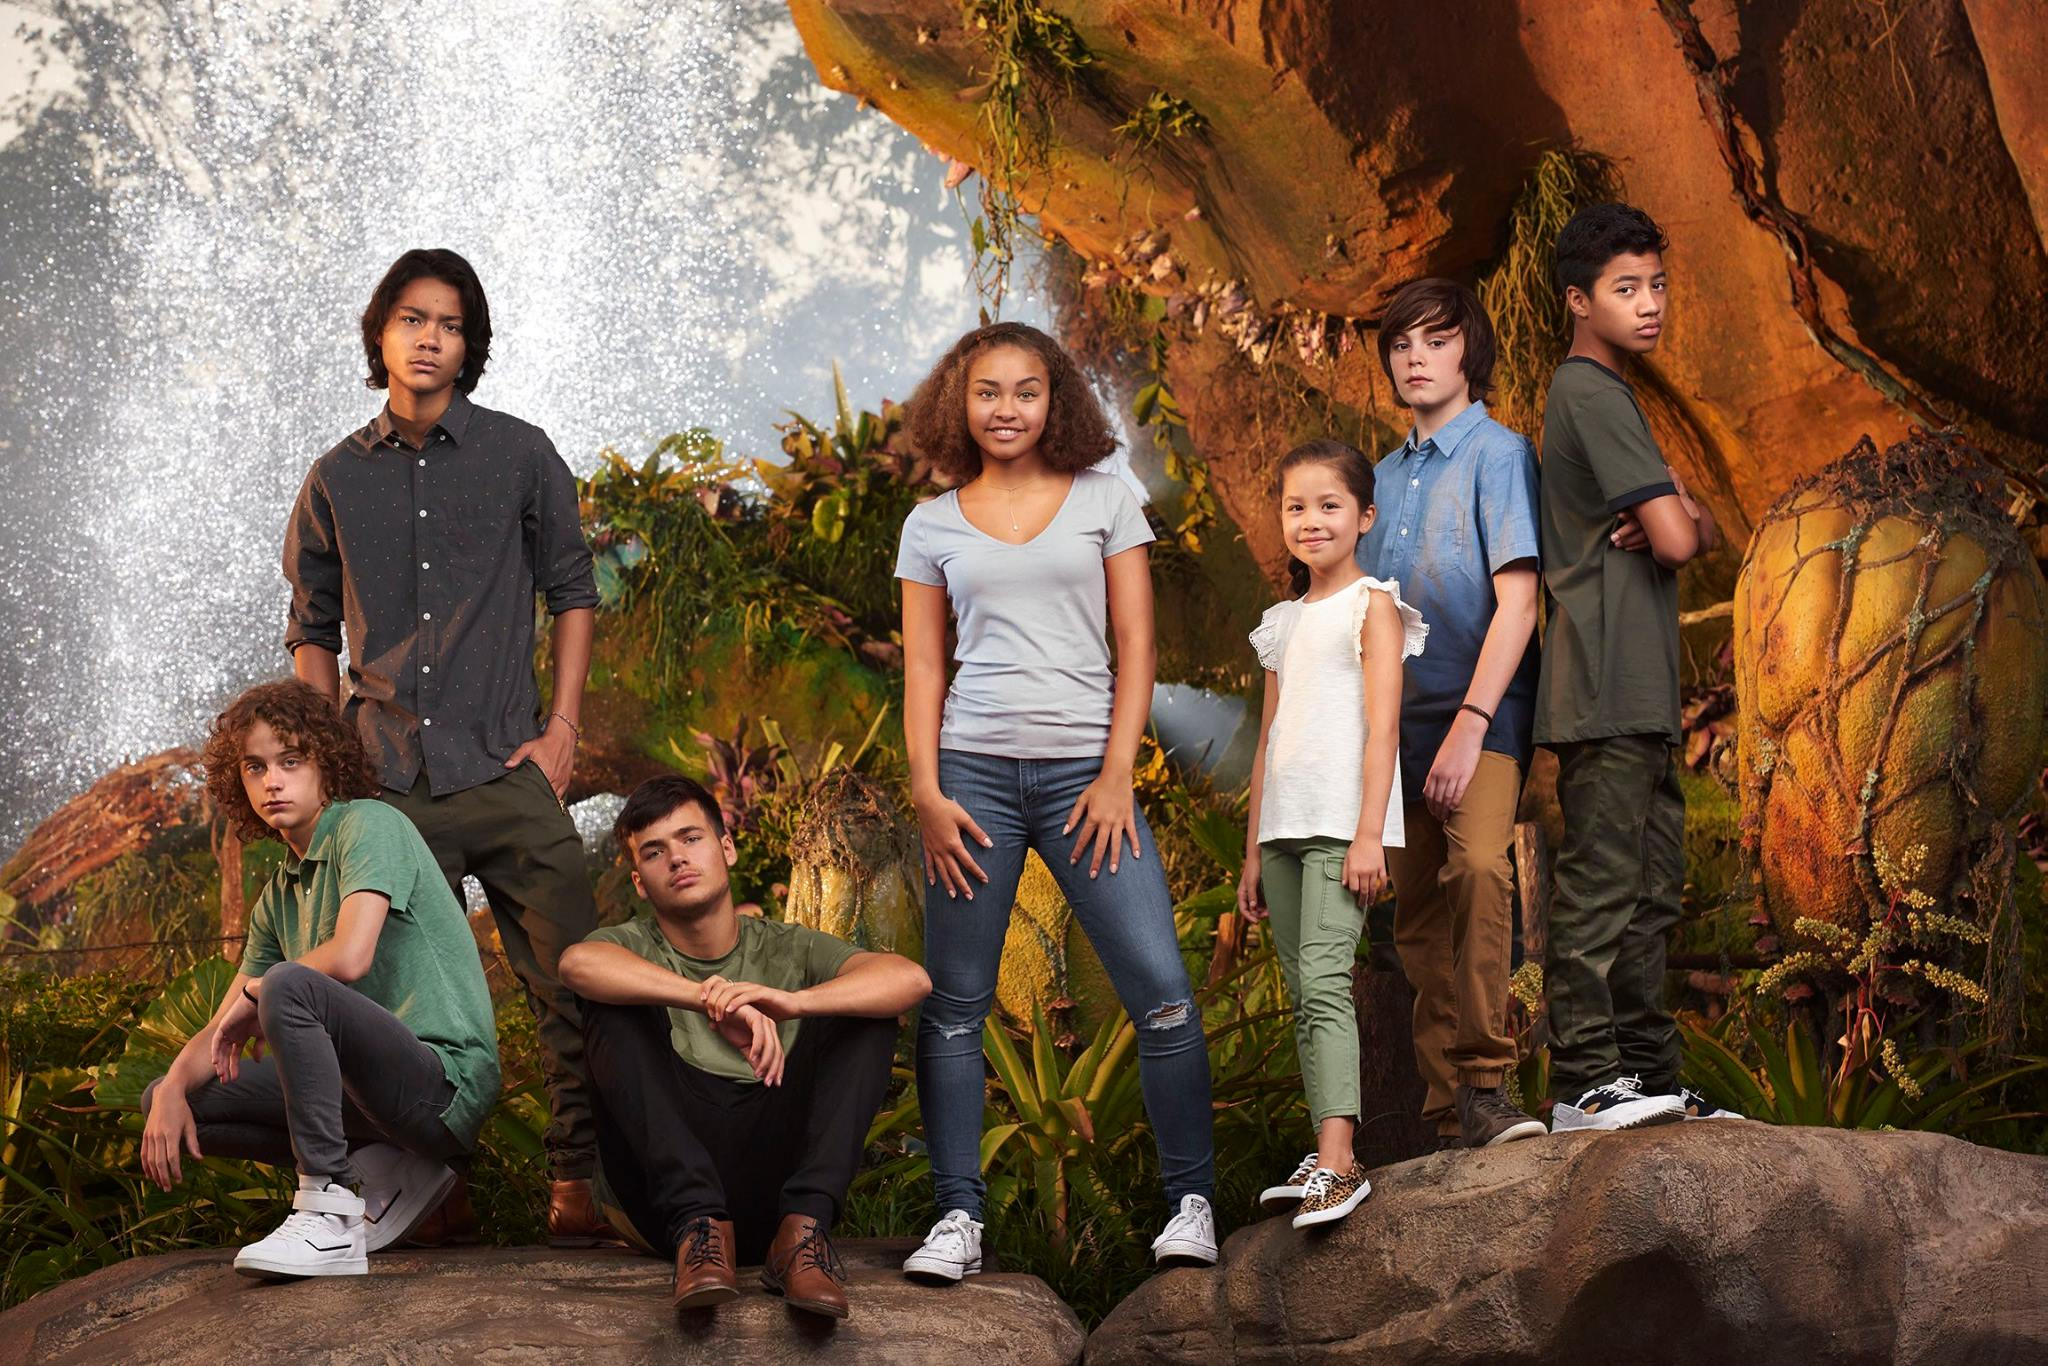 Deuxième photo des enfants des Avatar Sequels prise au parc Disney Animal Kingdom à Orlando